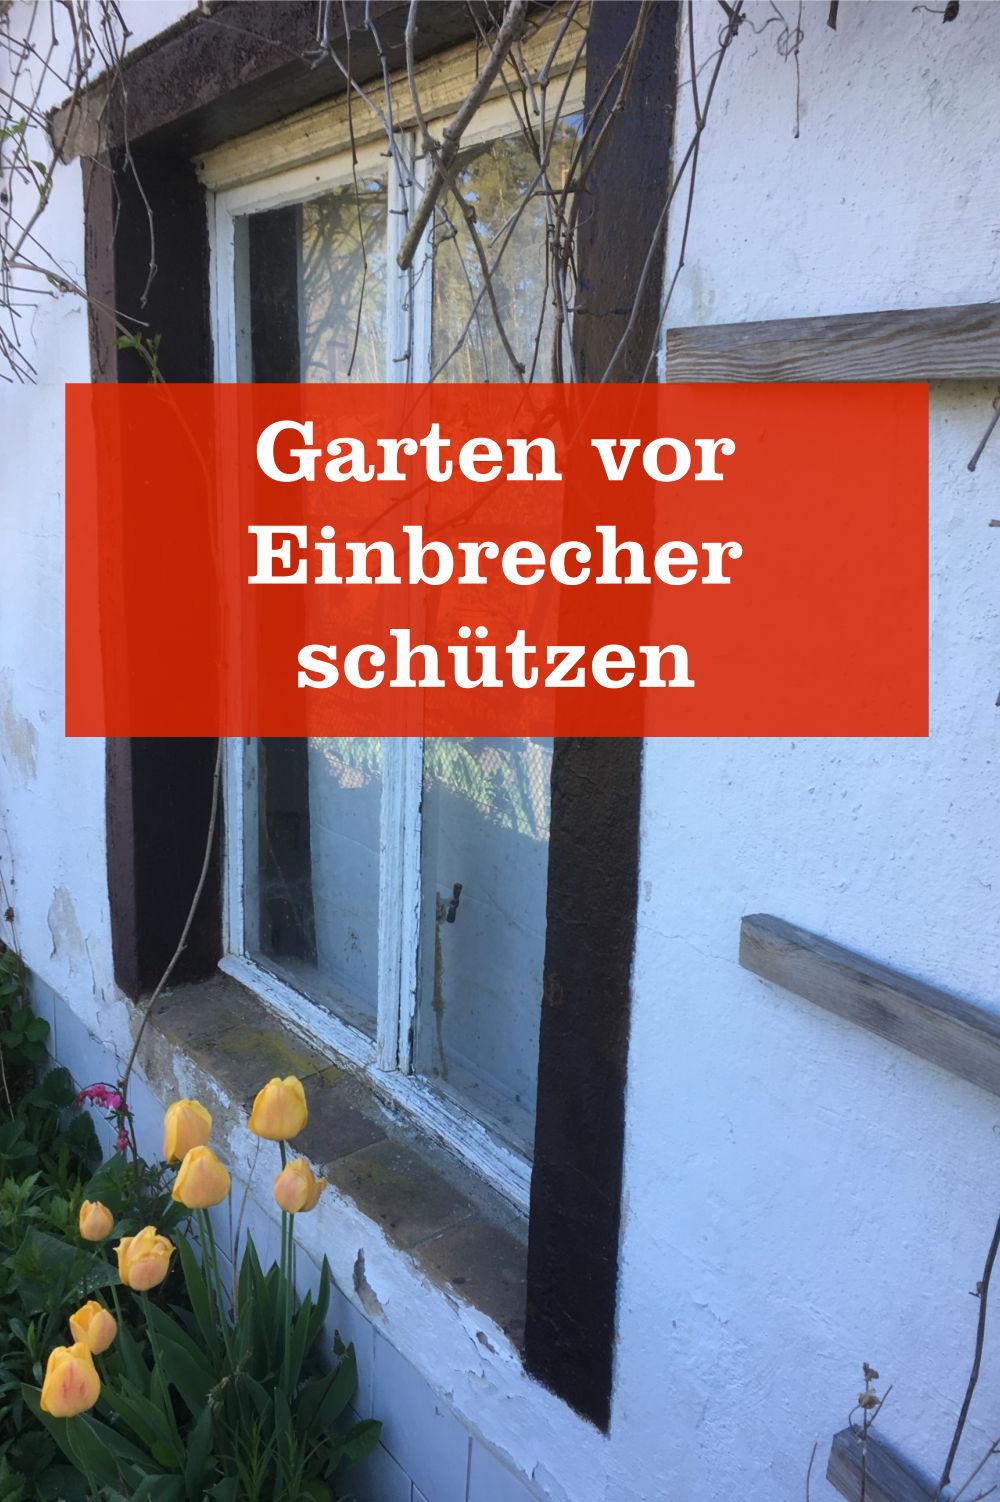 Garten vor Einbrecher schützen